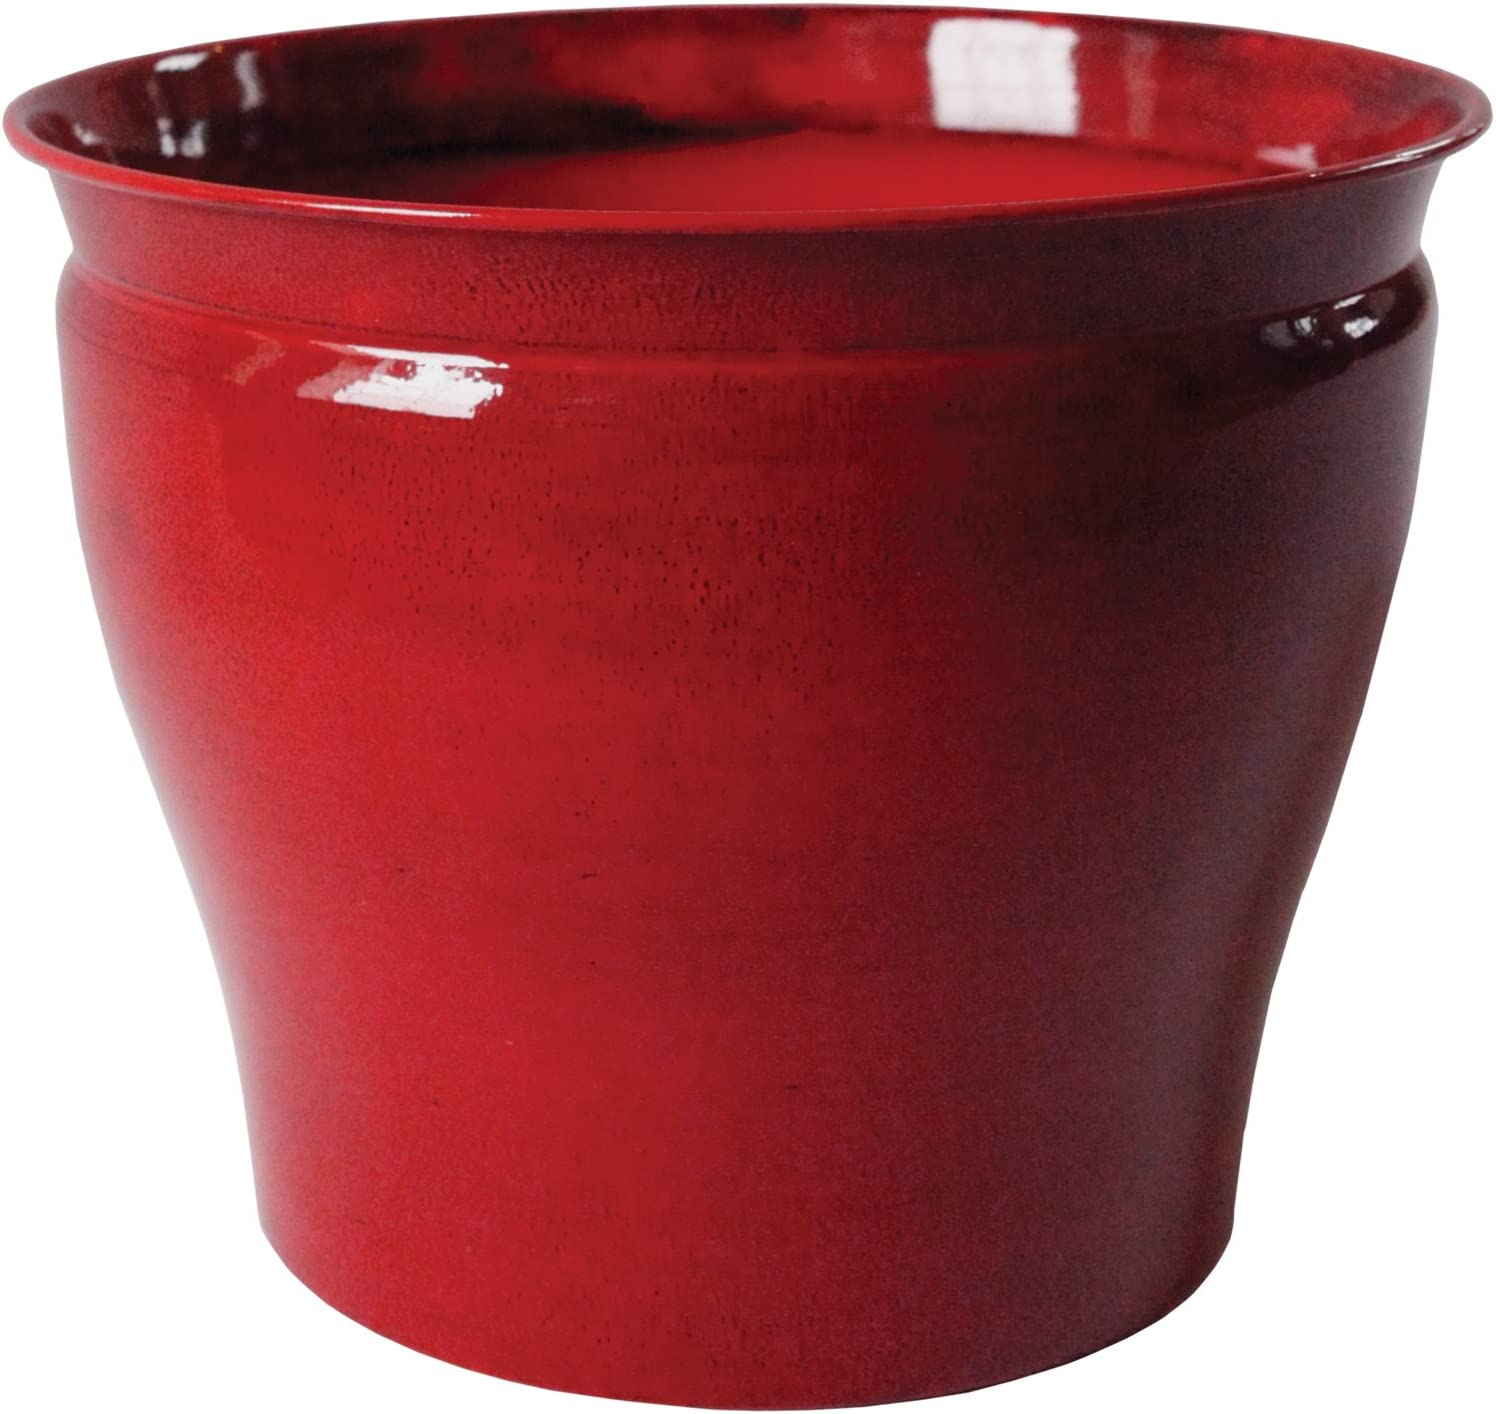 Robert Allen Home & Garden MPT01596 Avery Classic Ironstone Metal Planter Flower Pot, 6 inch, Autumn Blaze